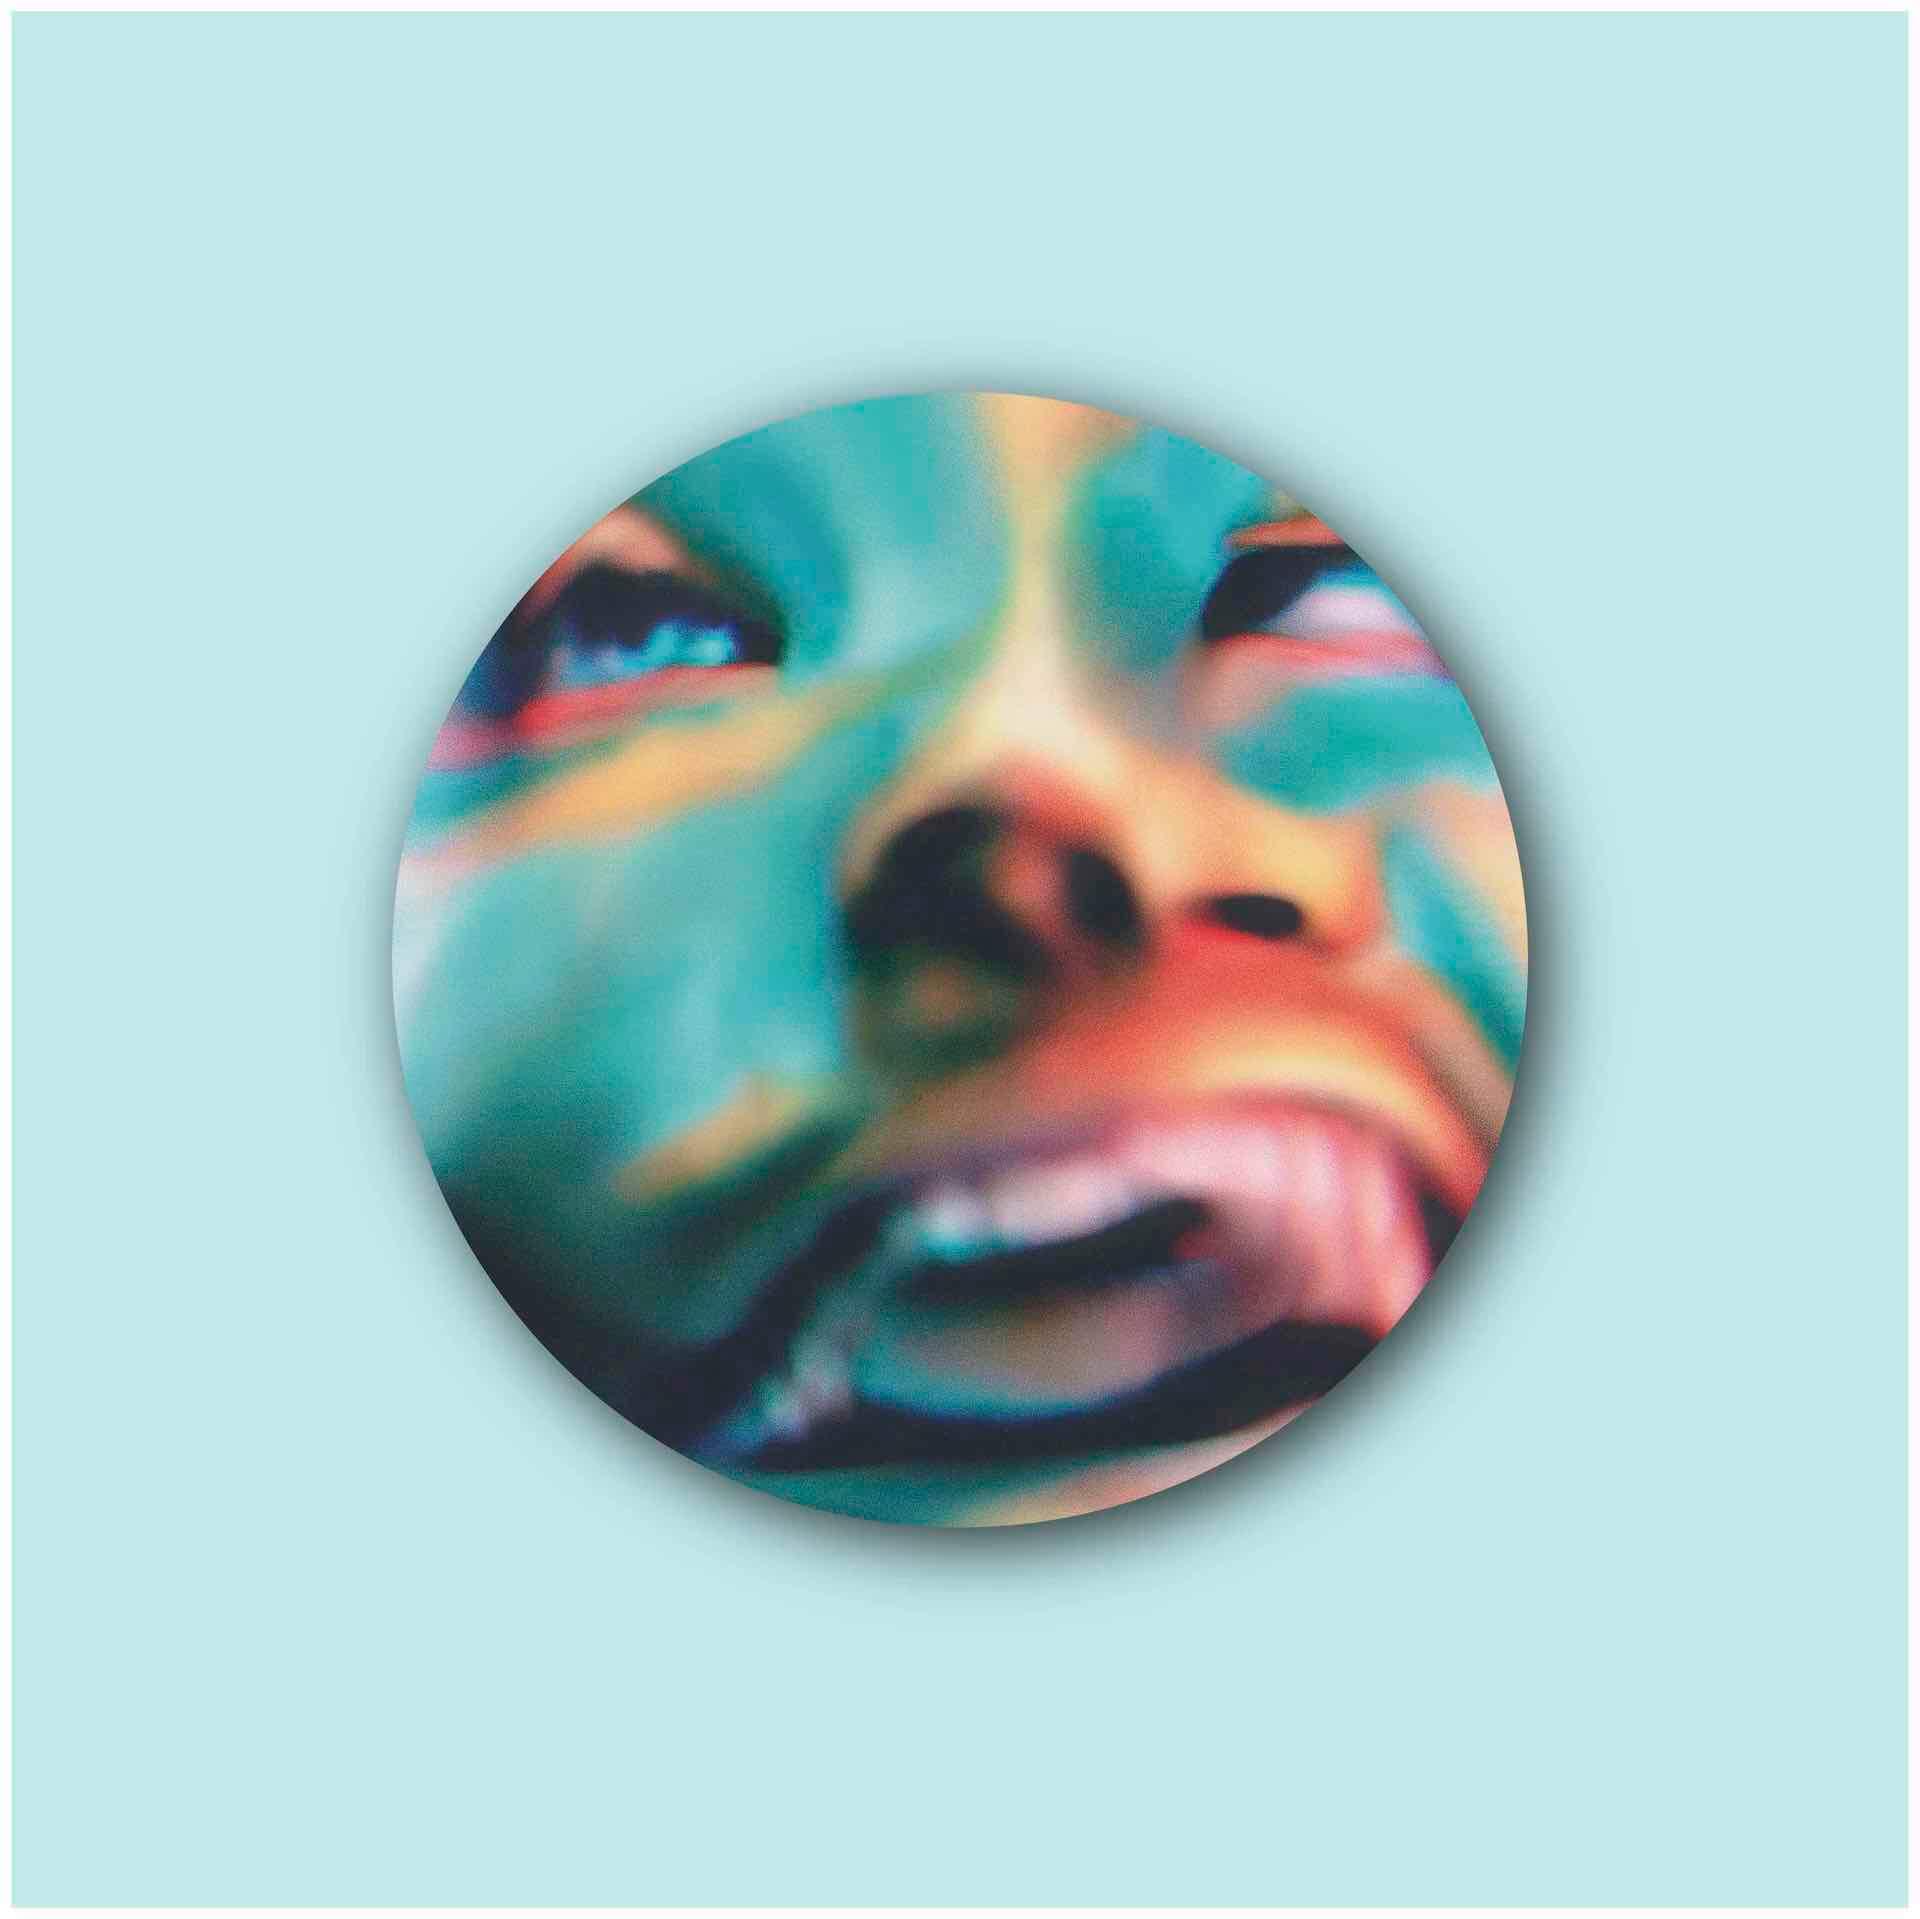 Tempalayのニューシングル『あびばのんのん』が発売決定!『サ道2021』エンディングテーマとして話題 music210716_tempalay_cd_1